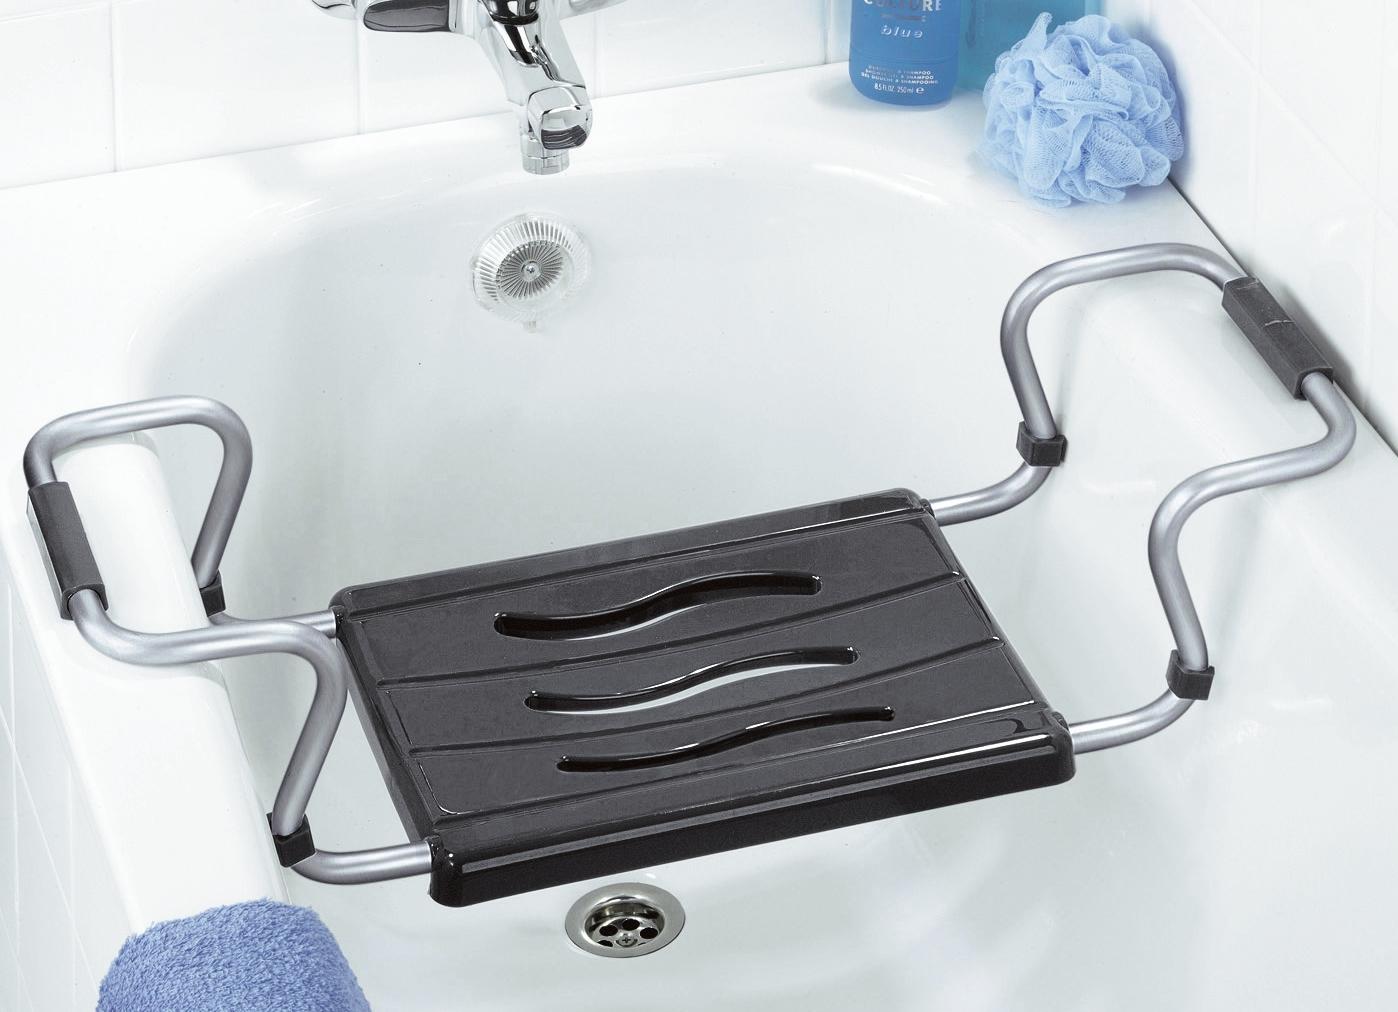 badewannensitz in 2 farben alltagshilfen bader. Black Bedroom Furniture Sets. Home Design Ideas